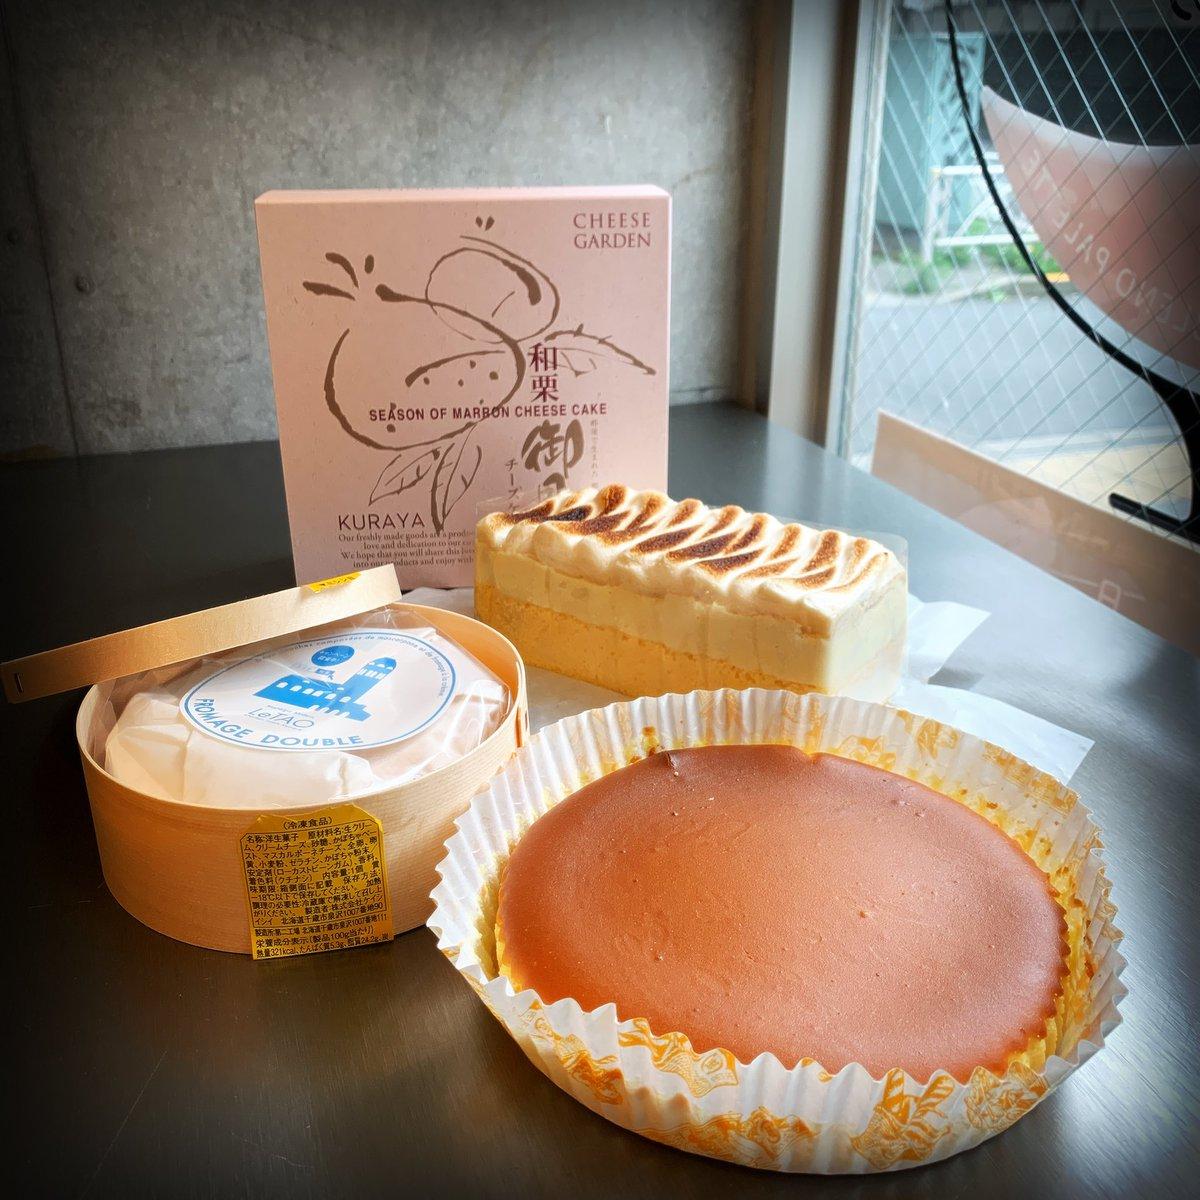 test ツイッターメディア - 久々に参加した #チーティング は秋の味覚満載で前半の三品は芋・栗・南瓜。ルタオ @LeTAO_official や那須御用邸チーズケーキ @cheesegarden から、ミシュランビブグルマンのイタリアン オステリアブッビーノまで…幸せな食べ比べをさせていただきました。#チーズケーキ  https://t.co/aIygjyUEbr https://t.co/1SC69uxO4B